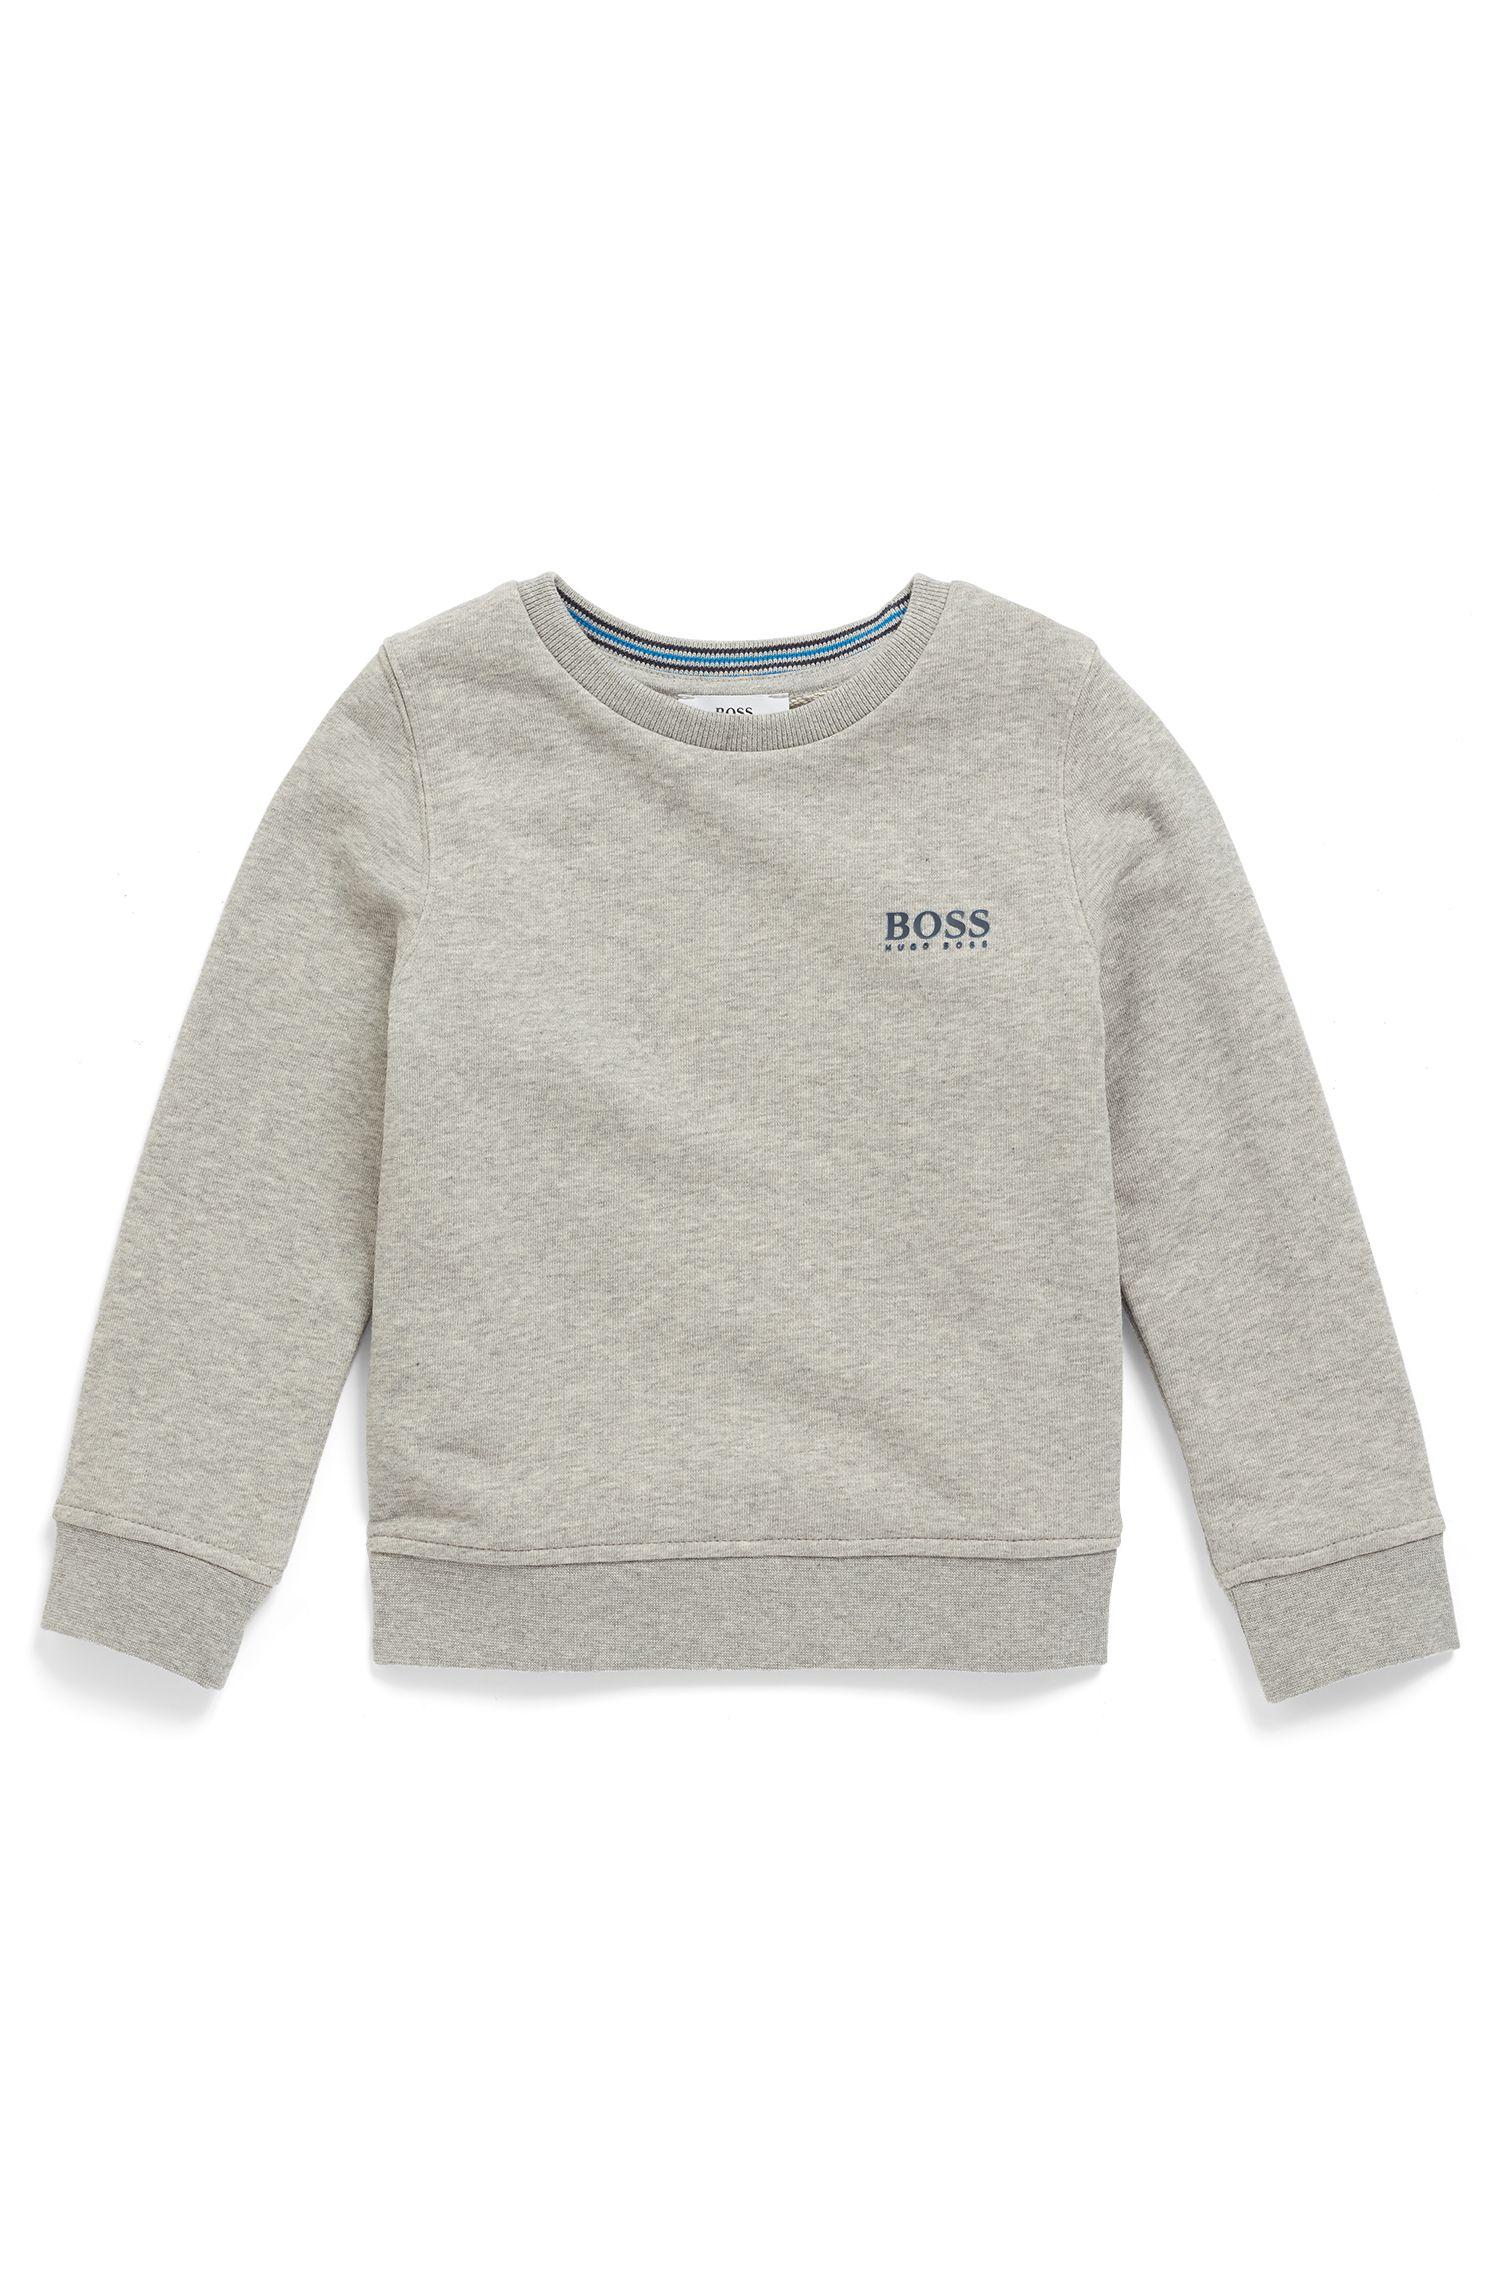 Kids-Sweatshirt aus French Terry mit erhöhtem Logo-Print, Hellgrau